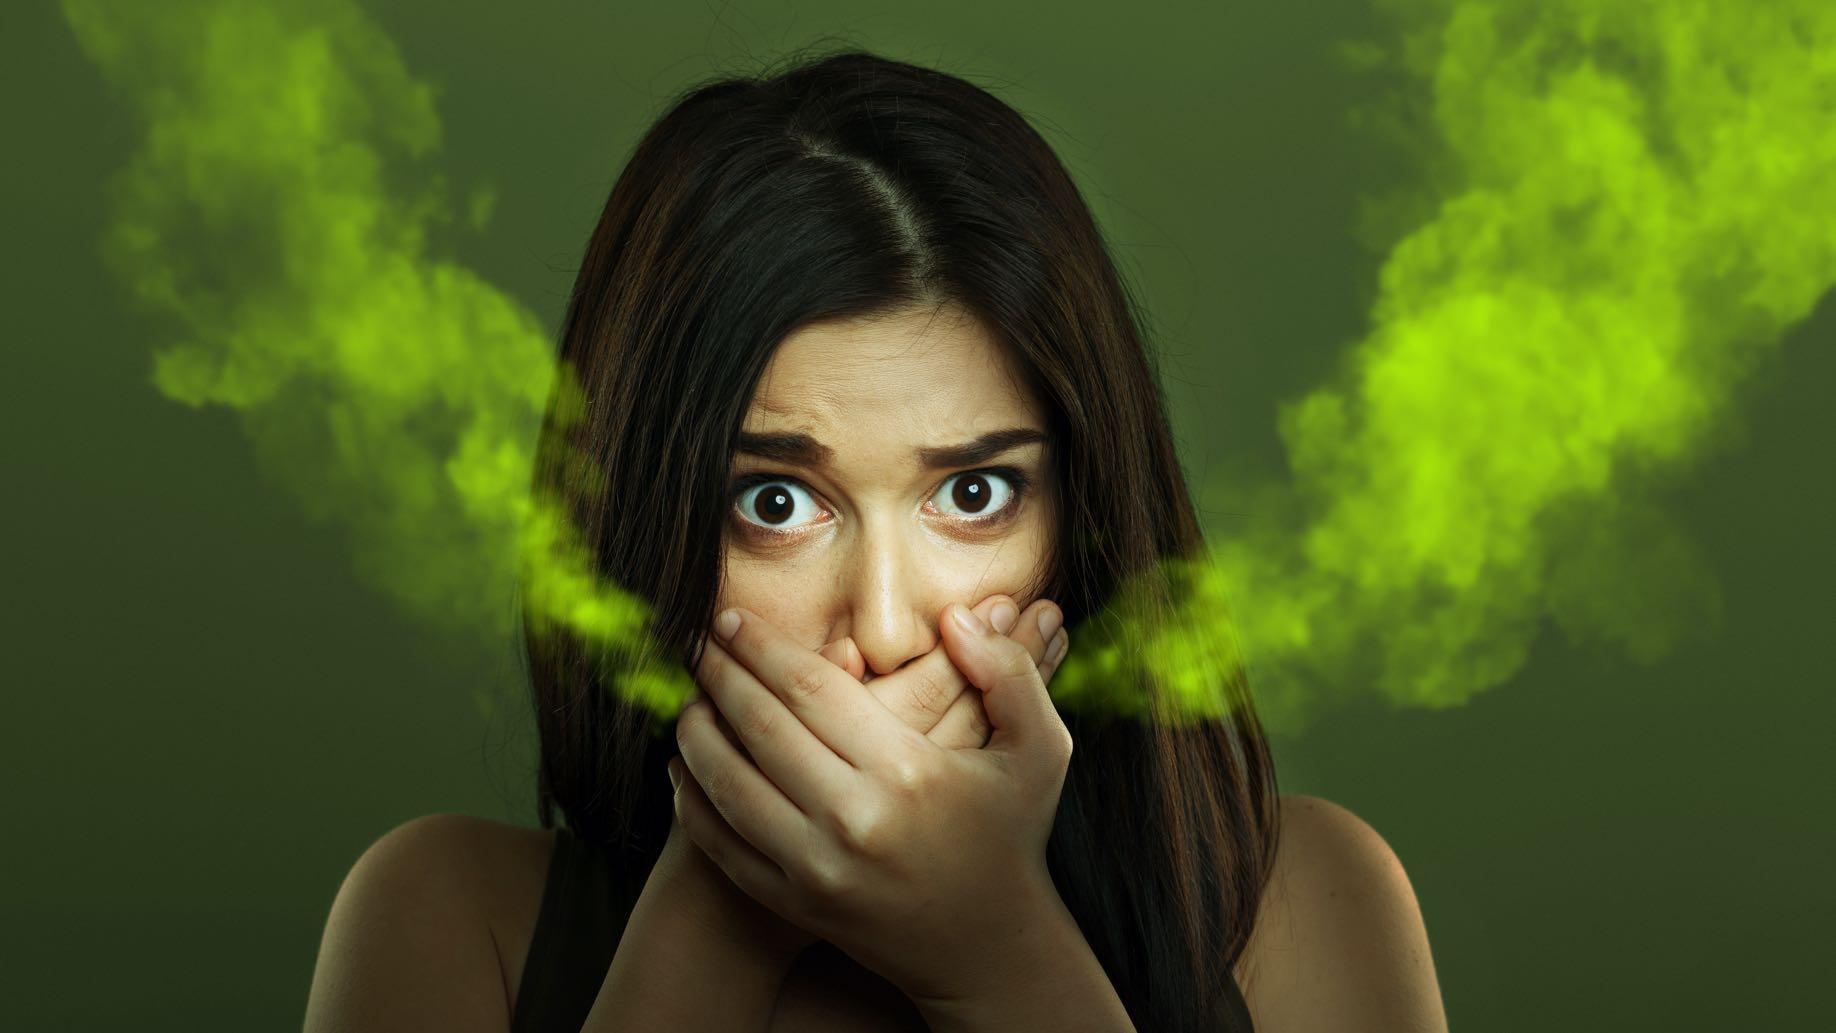 menschliche Mundhöhle